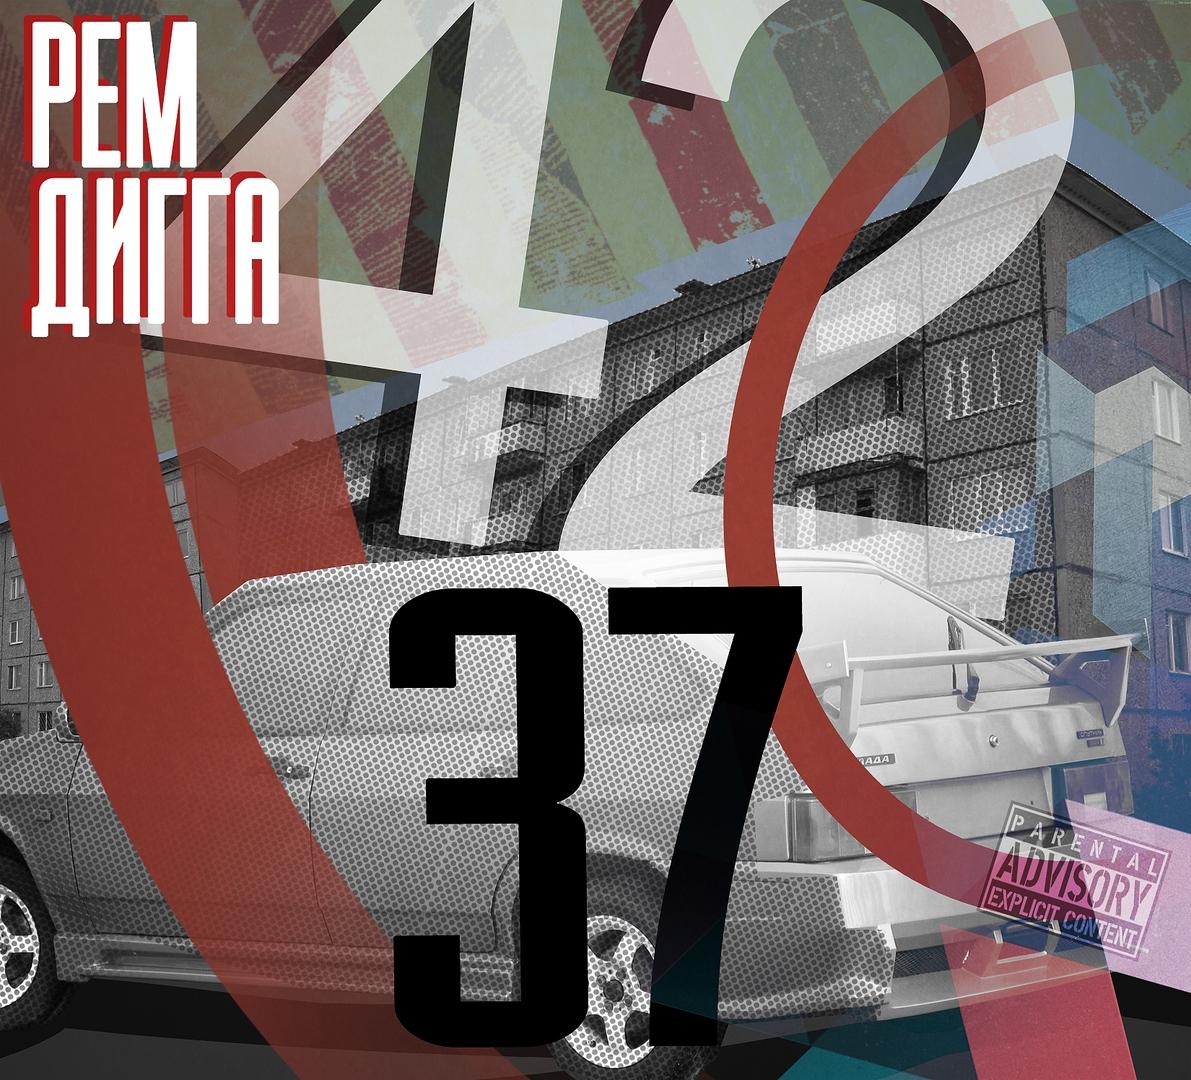 Скачать бесплатно mp3 реп русский реп бесплатно